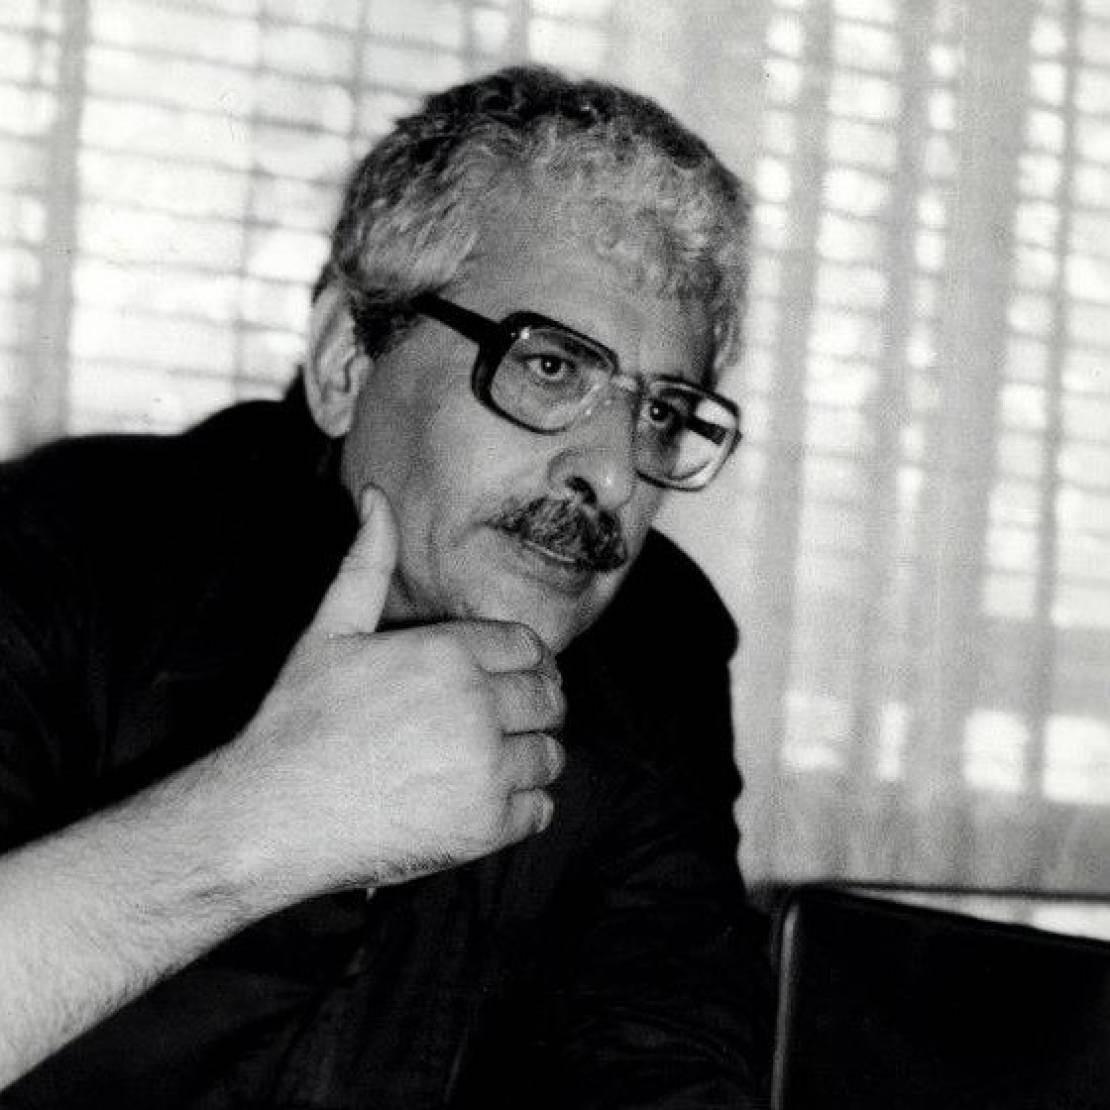 عضو المجلس المركزي لمنظمة التحرير الفلسطينية المستقيل عبد الجواد صالح